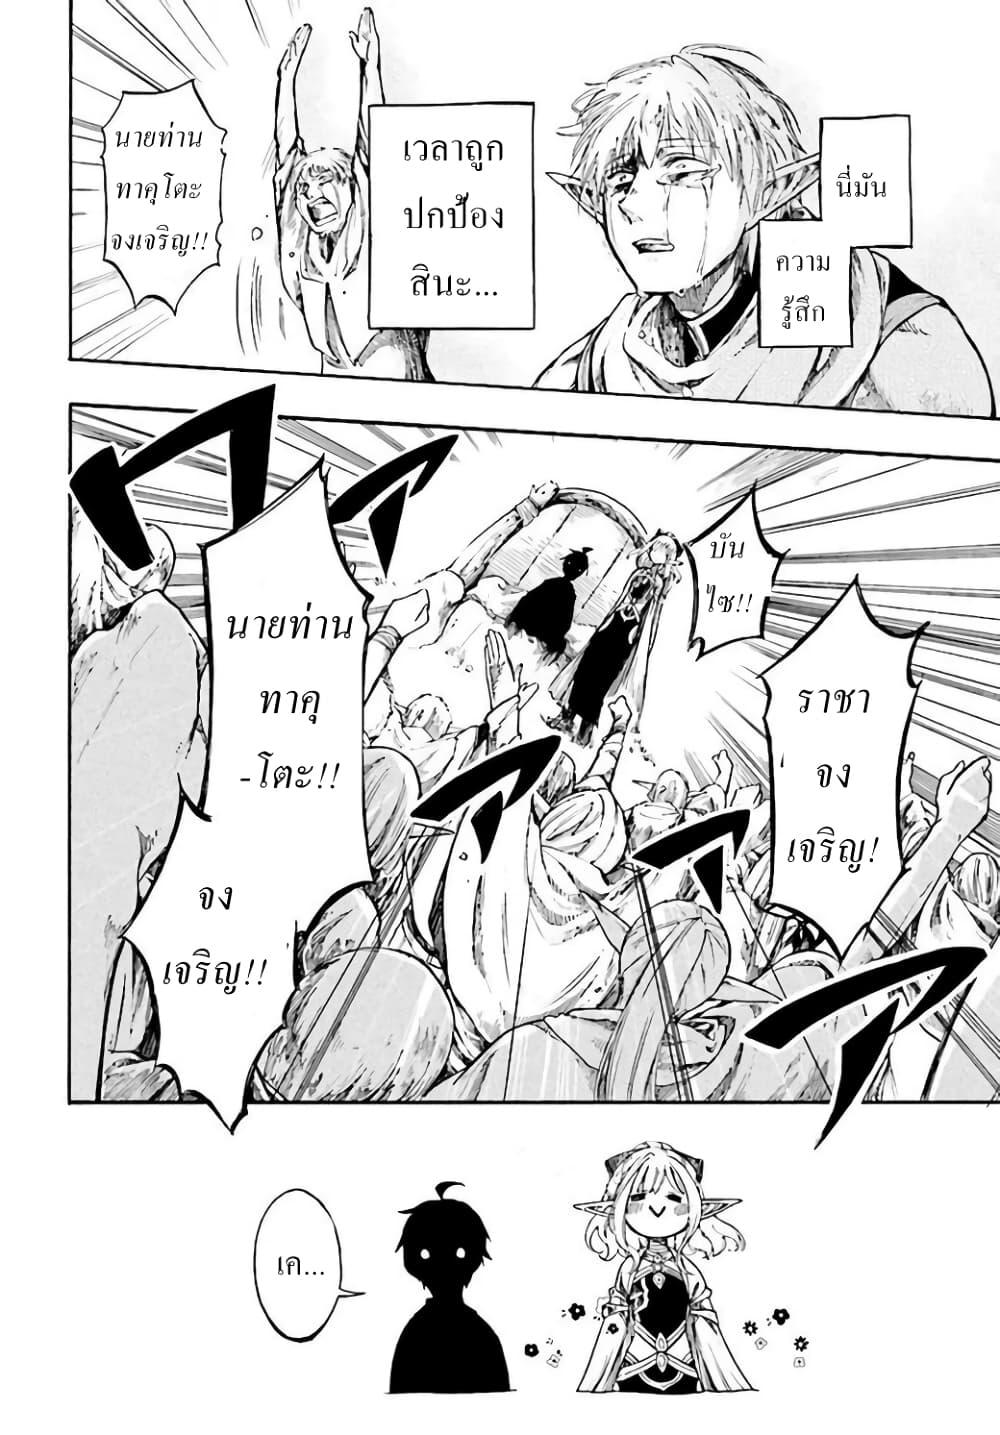 อ่านการ์ตูน Isekai Apocalypse MYNOGHRA ~The Conquest of the World Starts With the Civilization of Ruin~ ตอนที่ 4 หน้าที่ 4